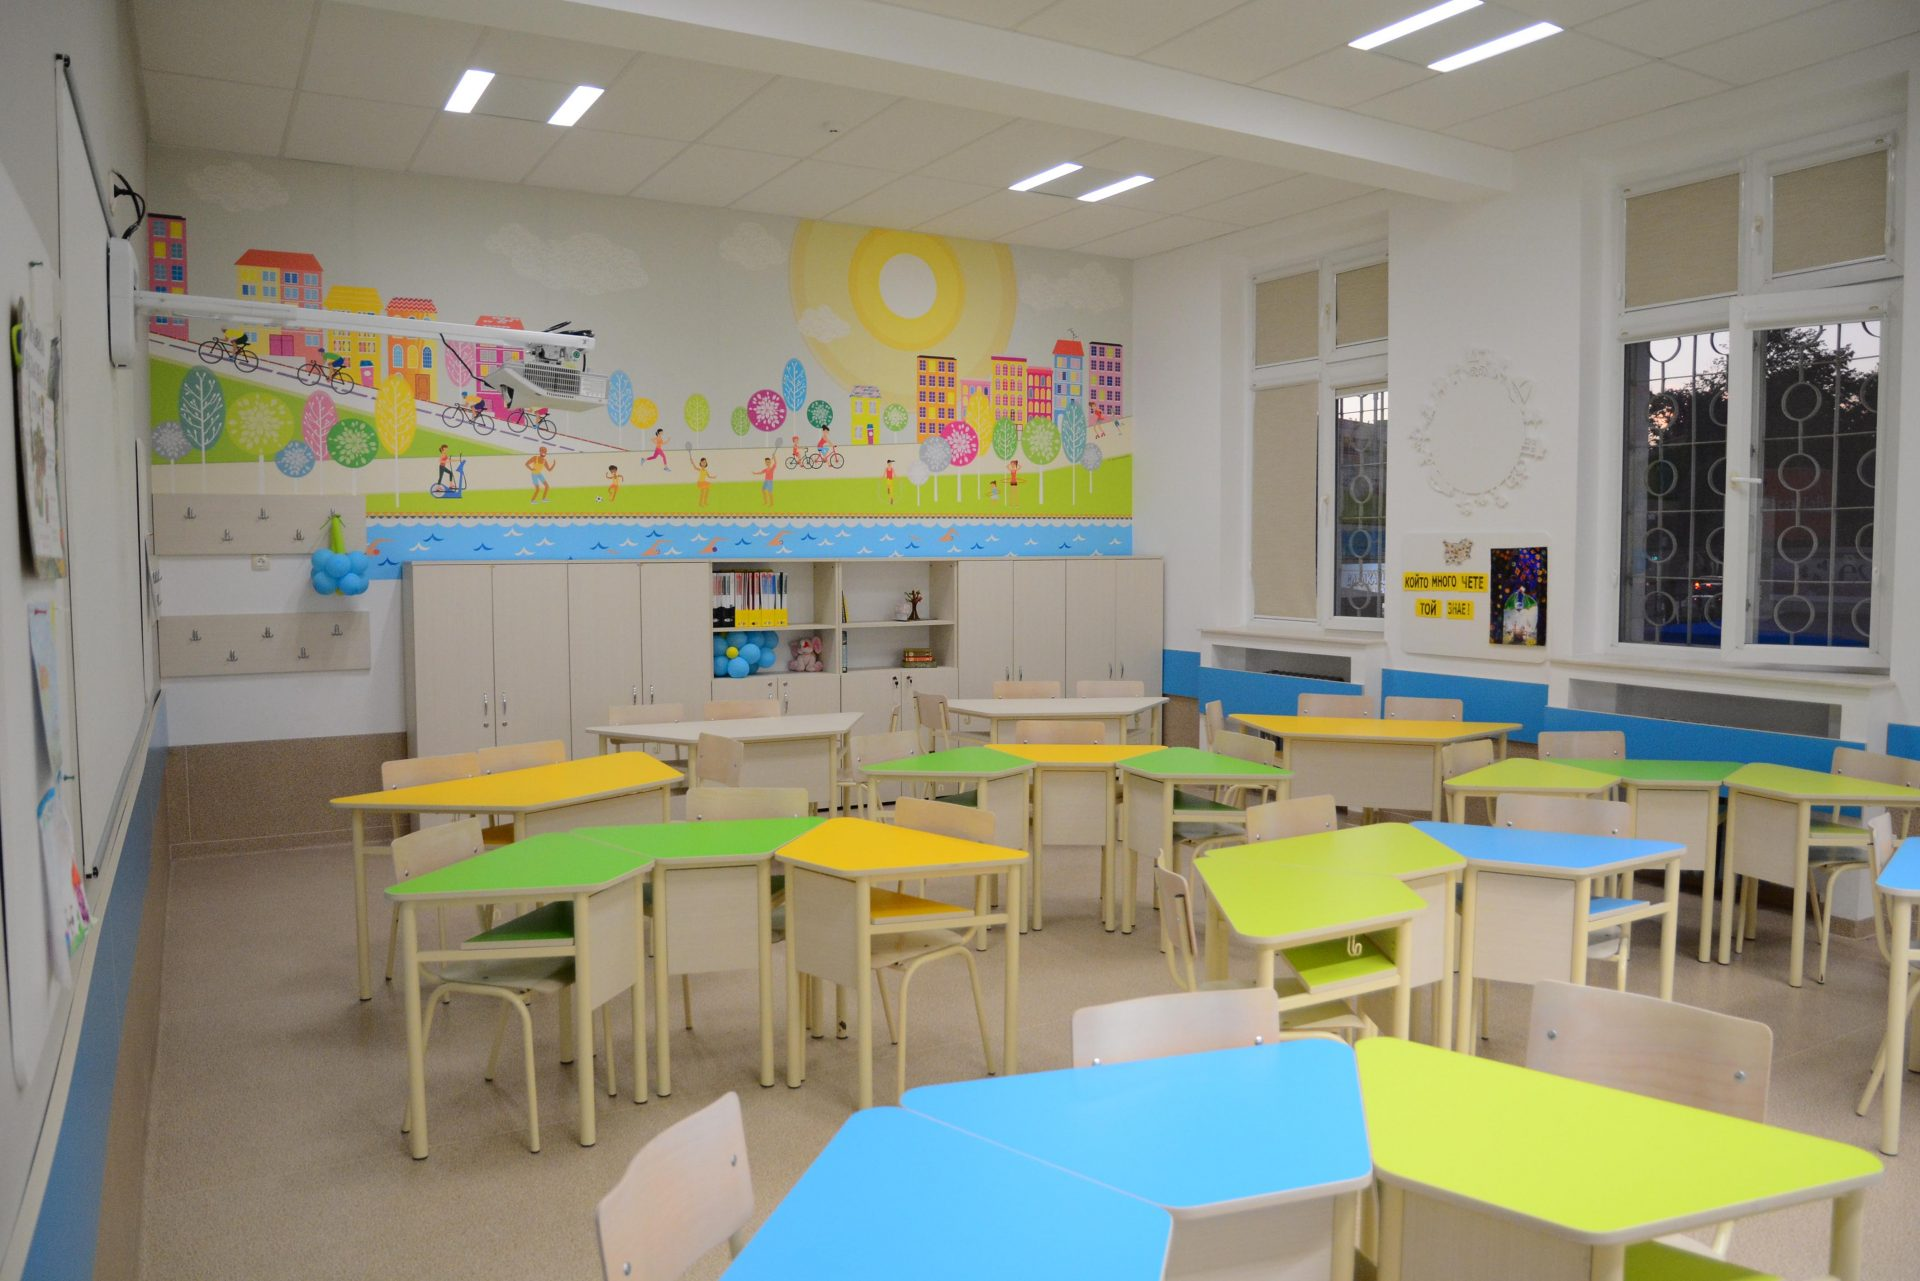 Над 45 млн. лева ще бъдат инвестирани в образователна инфраструктура във Варна